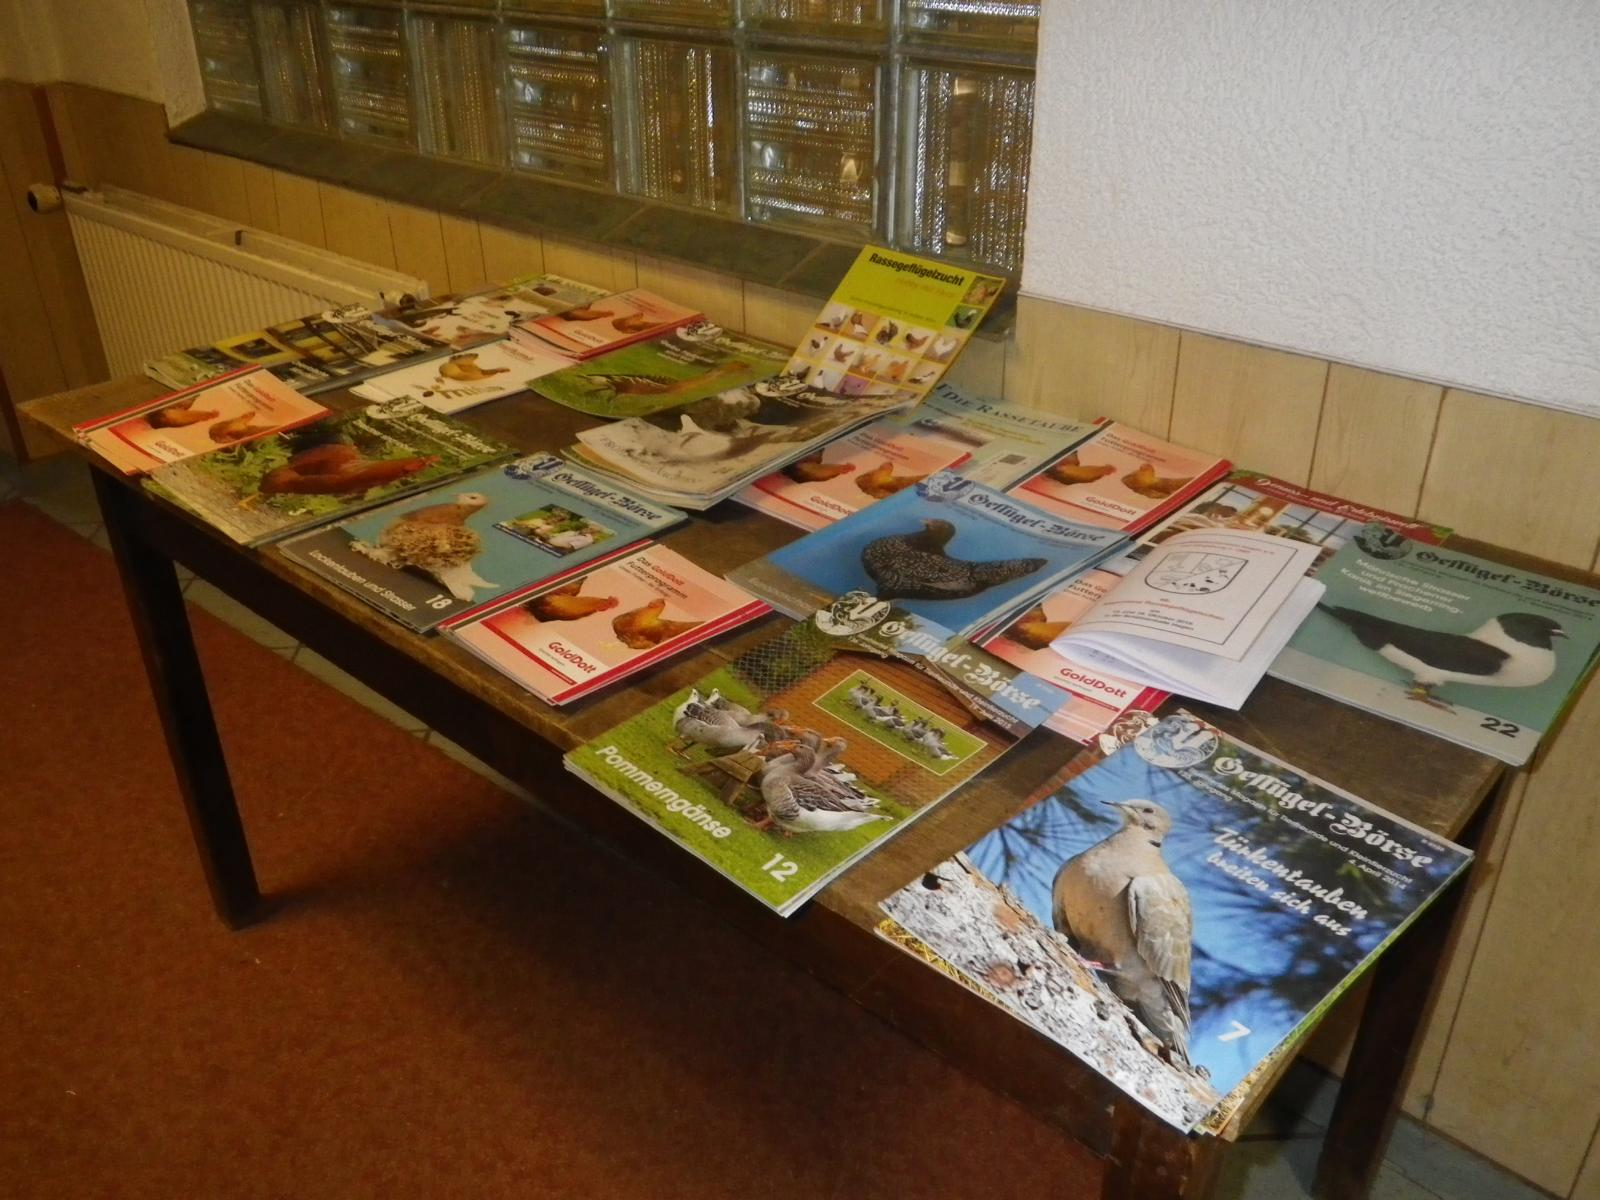 Für interessierte Besucher liegen diverse Geflügelmagazine aus,